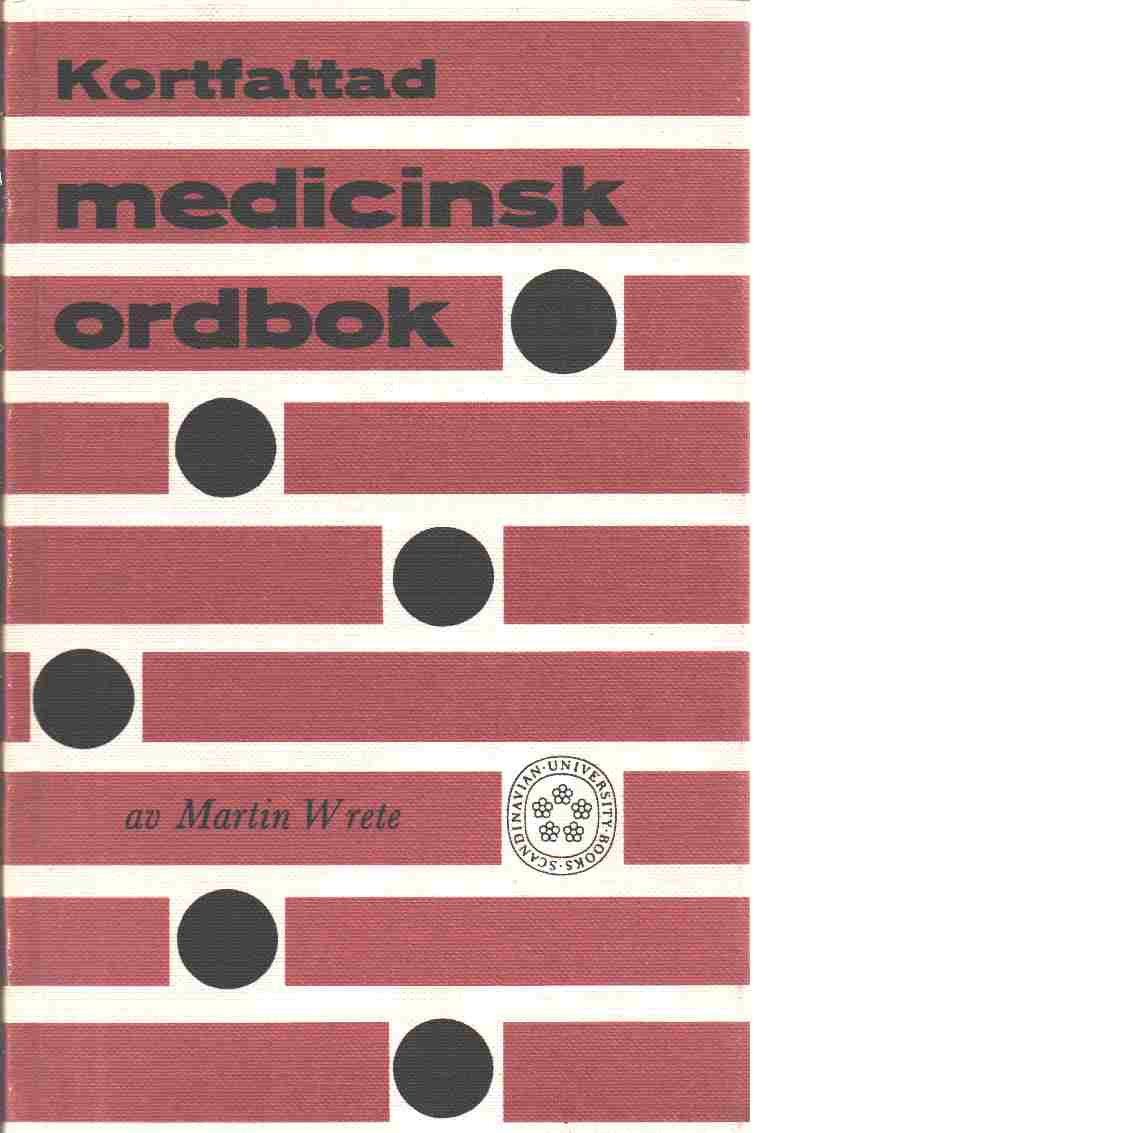 Kortfattad medicinsk ordbok - Wrete, Martin